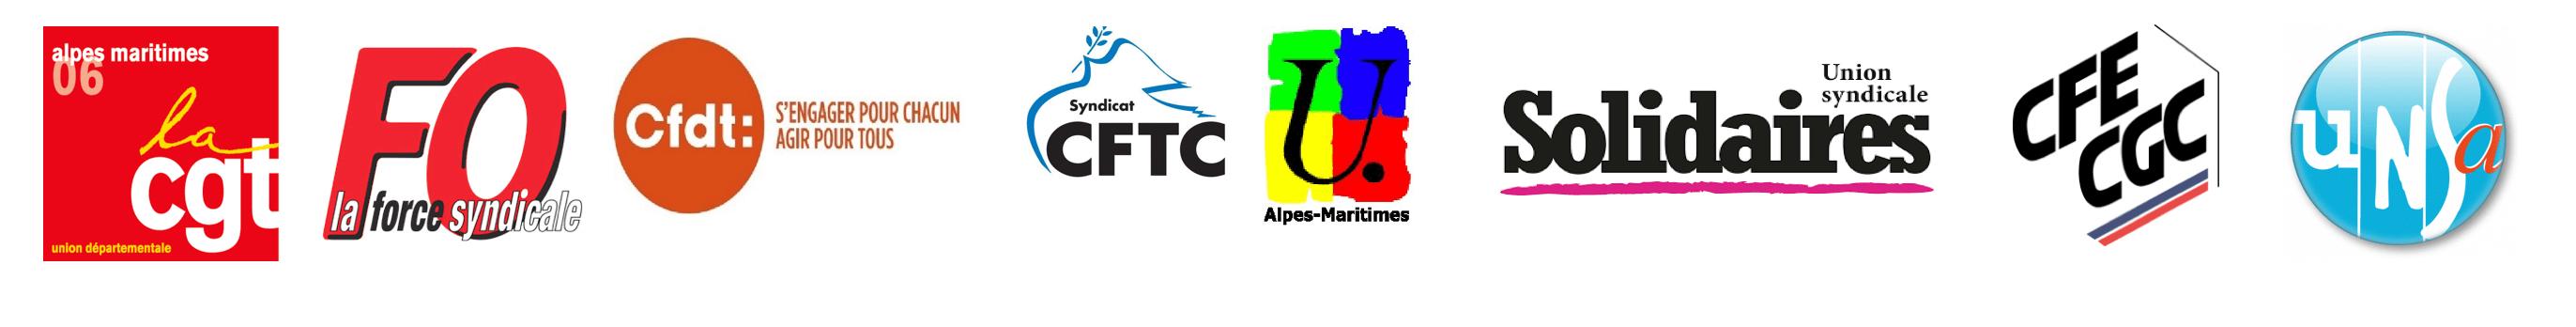 22 mai : les organisations préparent la mobilisation dans la Fonction publique @ Place Massena, Nice, France | Nice | Provence-Alpes-Côte d'Azur | France